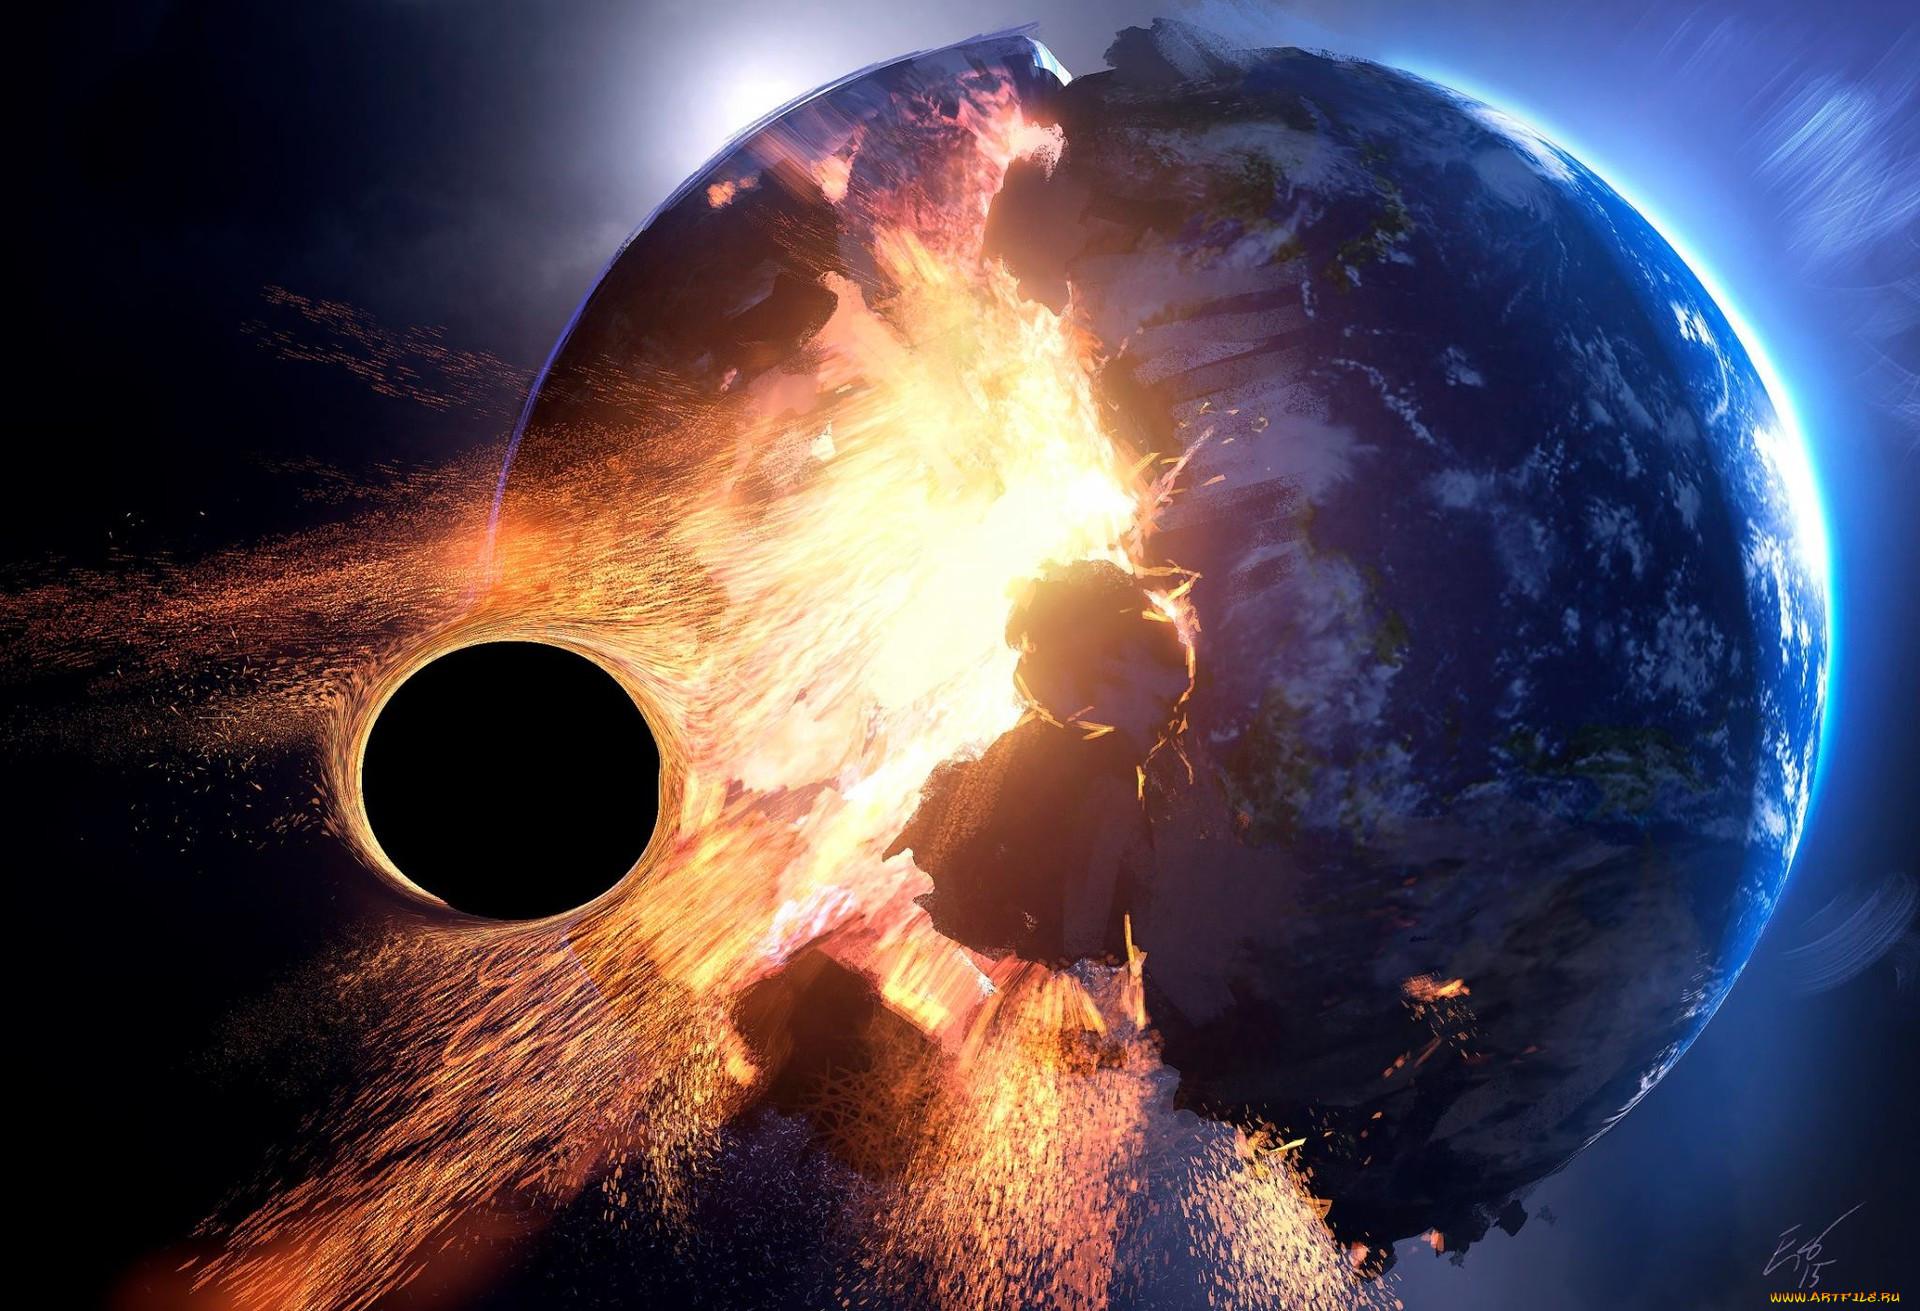 Конец света картинки космос